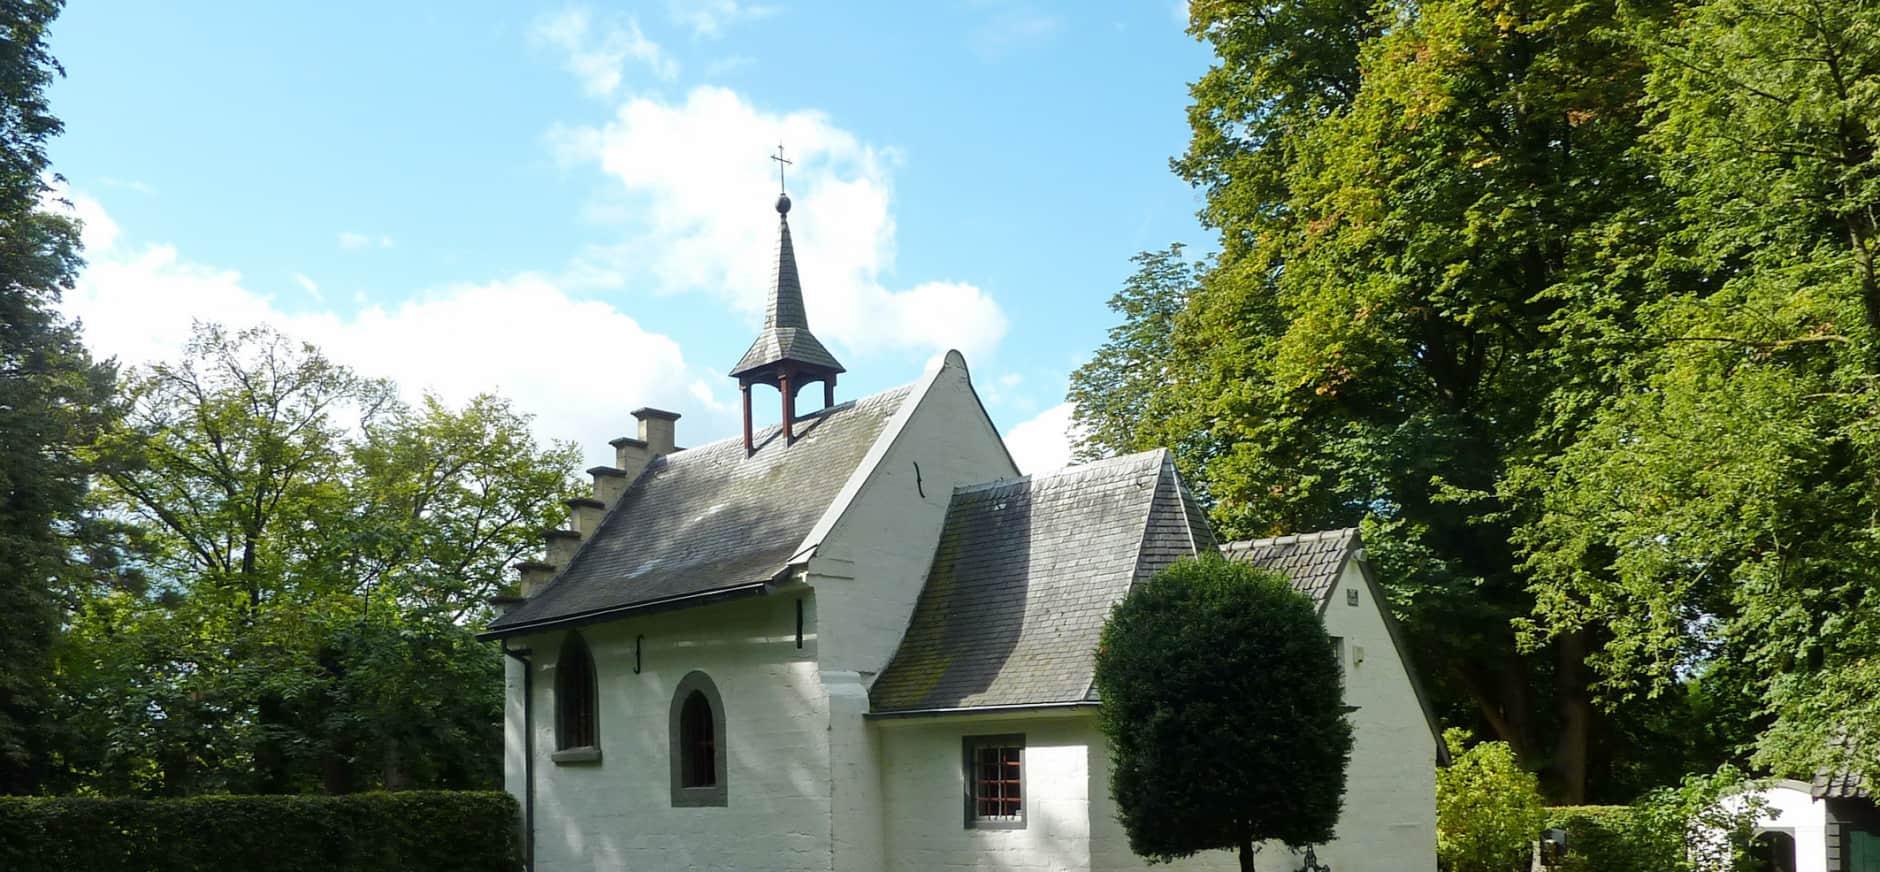 De kluis, voormalige kluizenaarswoning te bezoeken